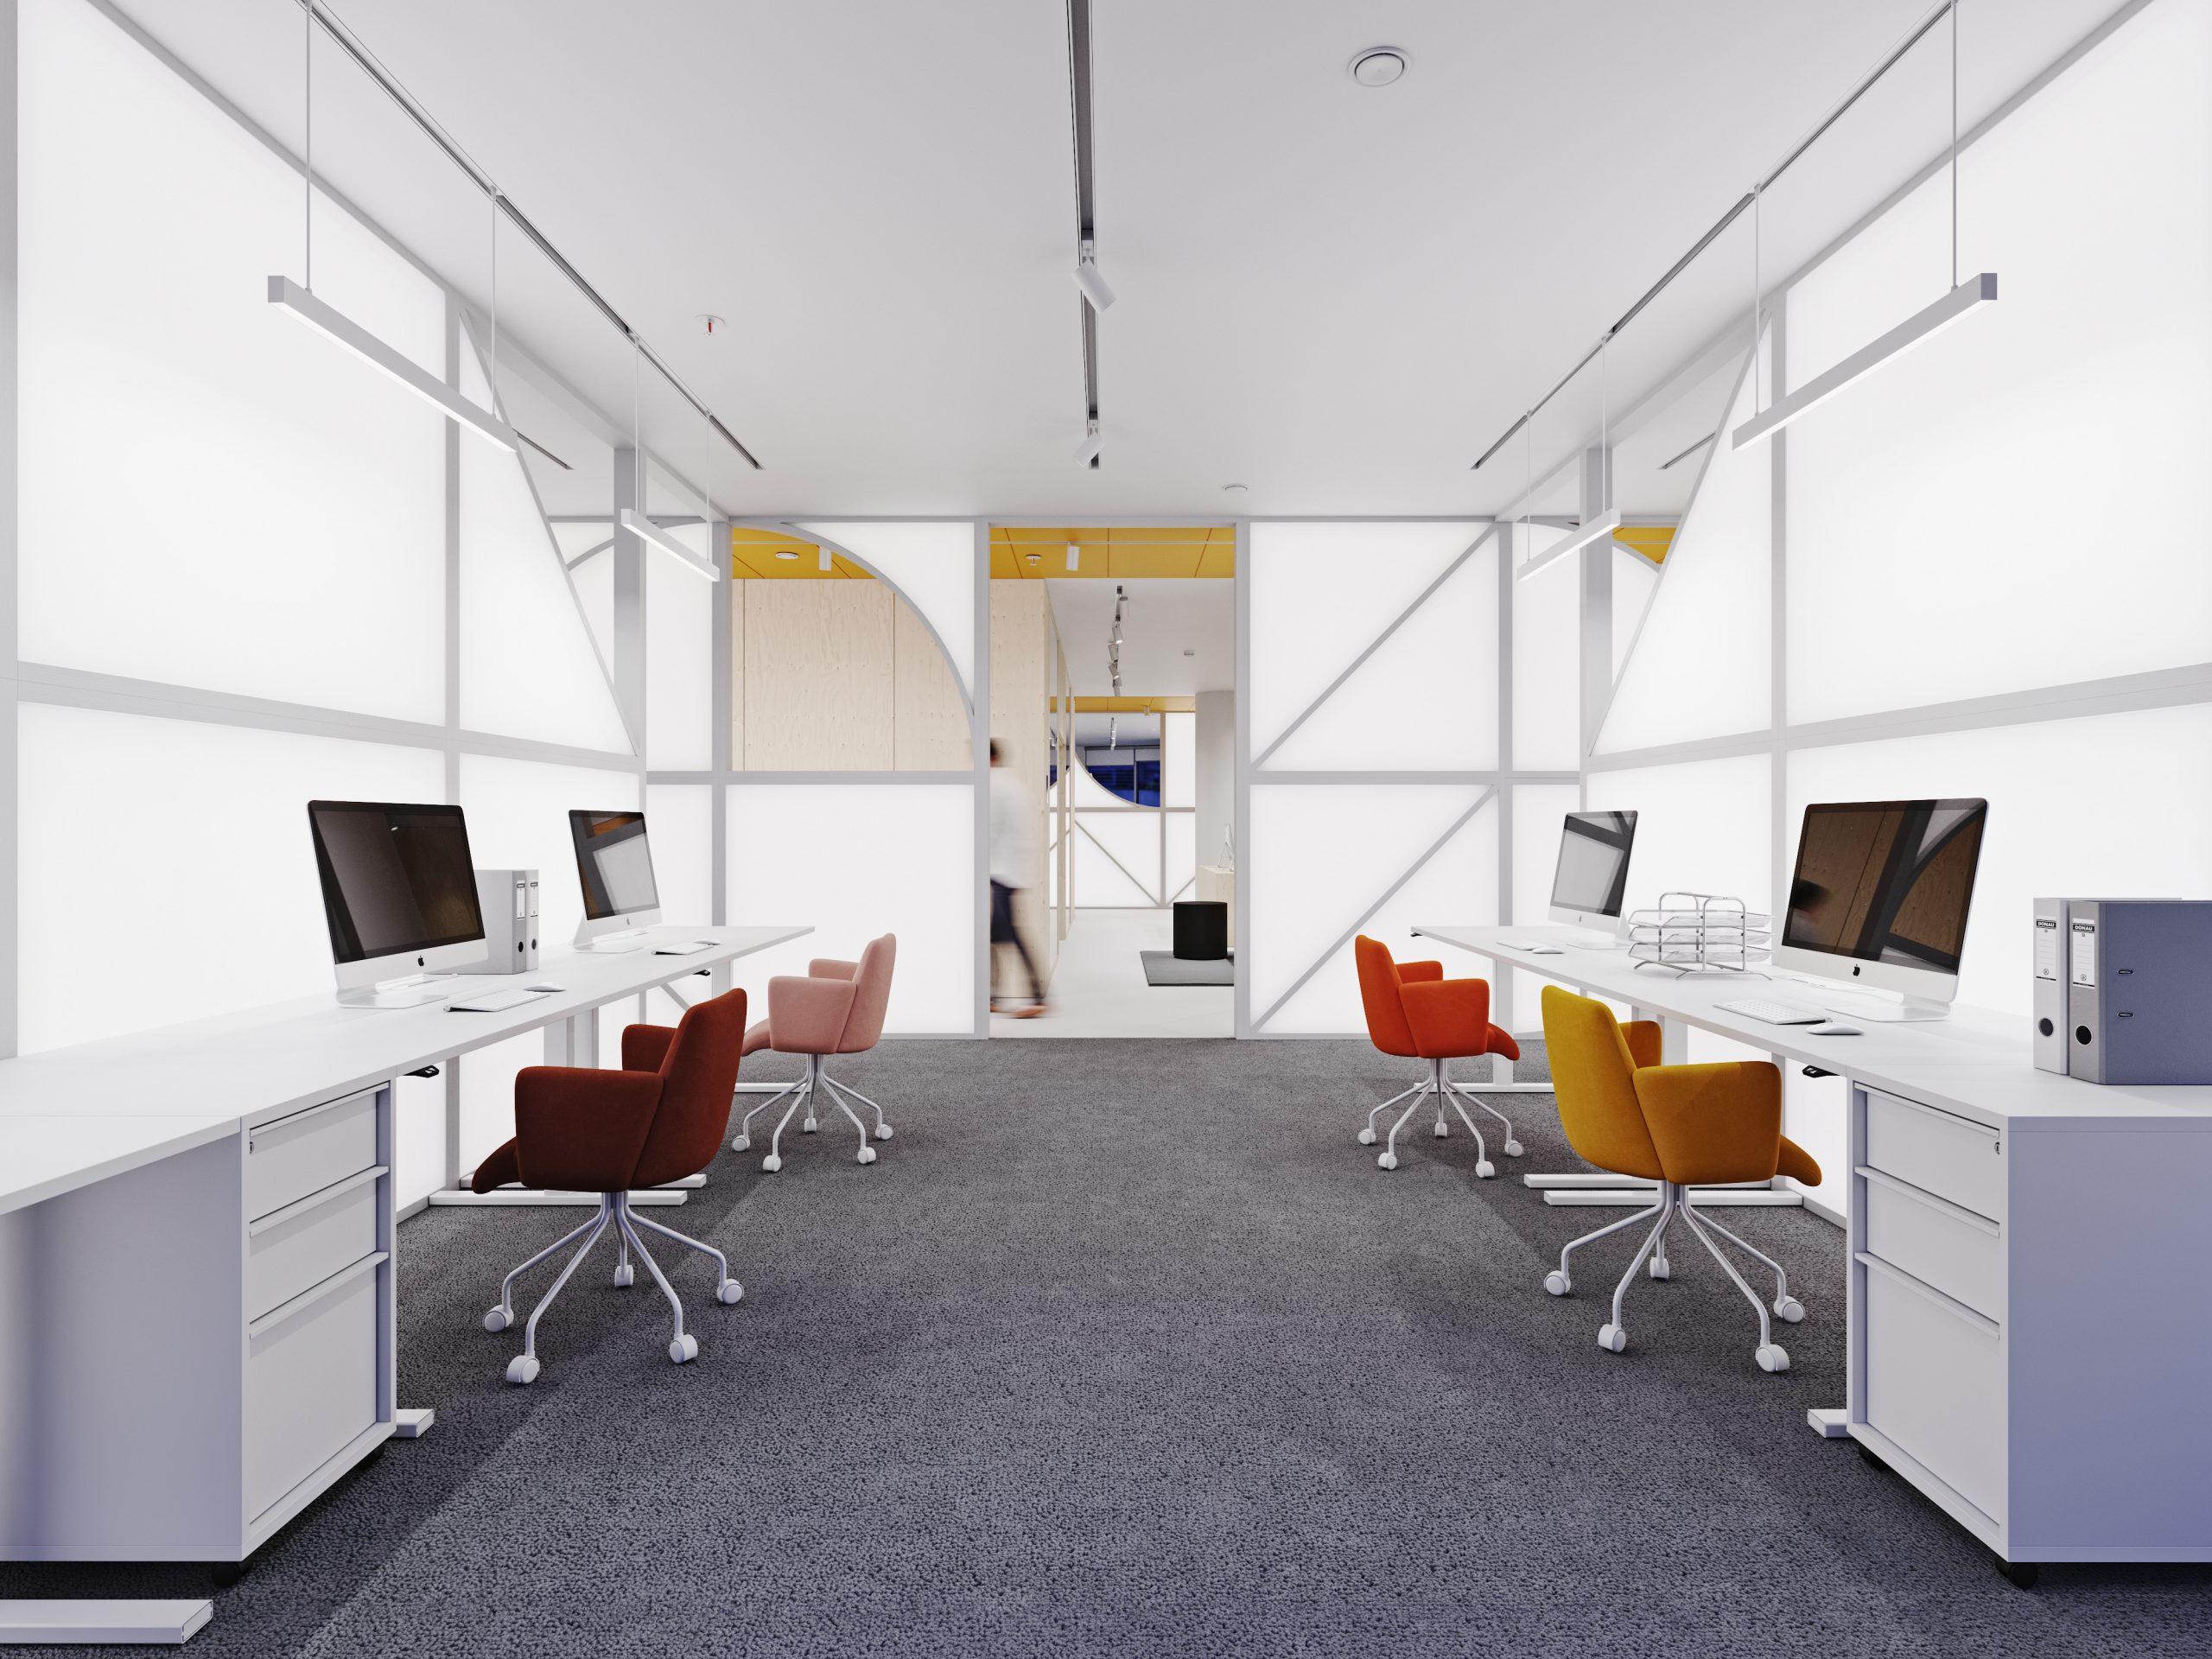 Màu sắc giác giúp không gian căn phòng rộng rãi hơn